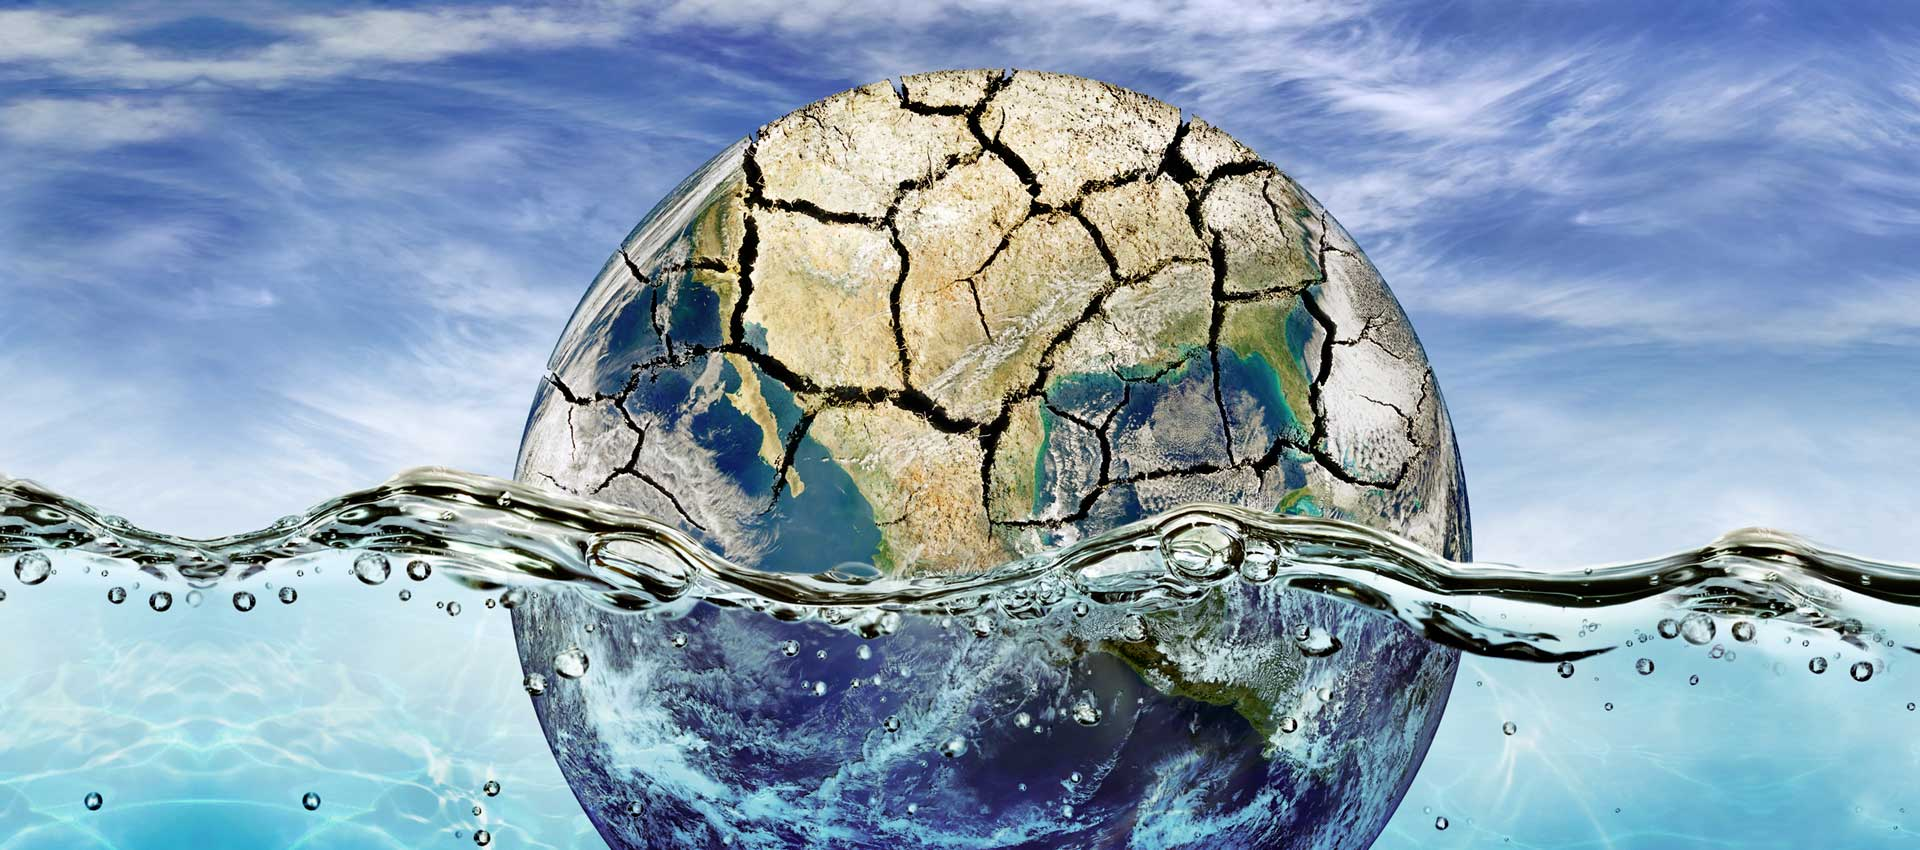 Weltkugel im Wasser